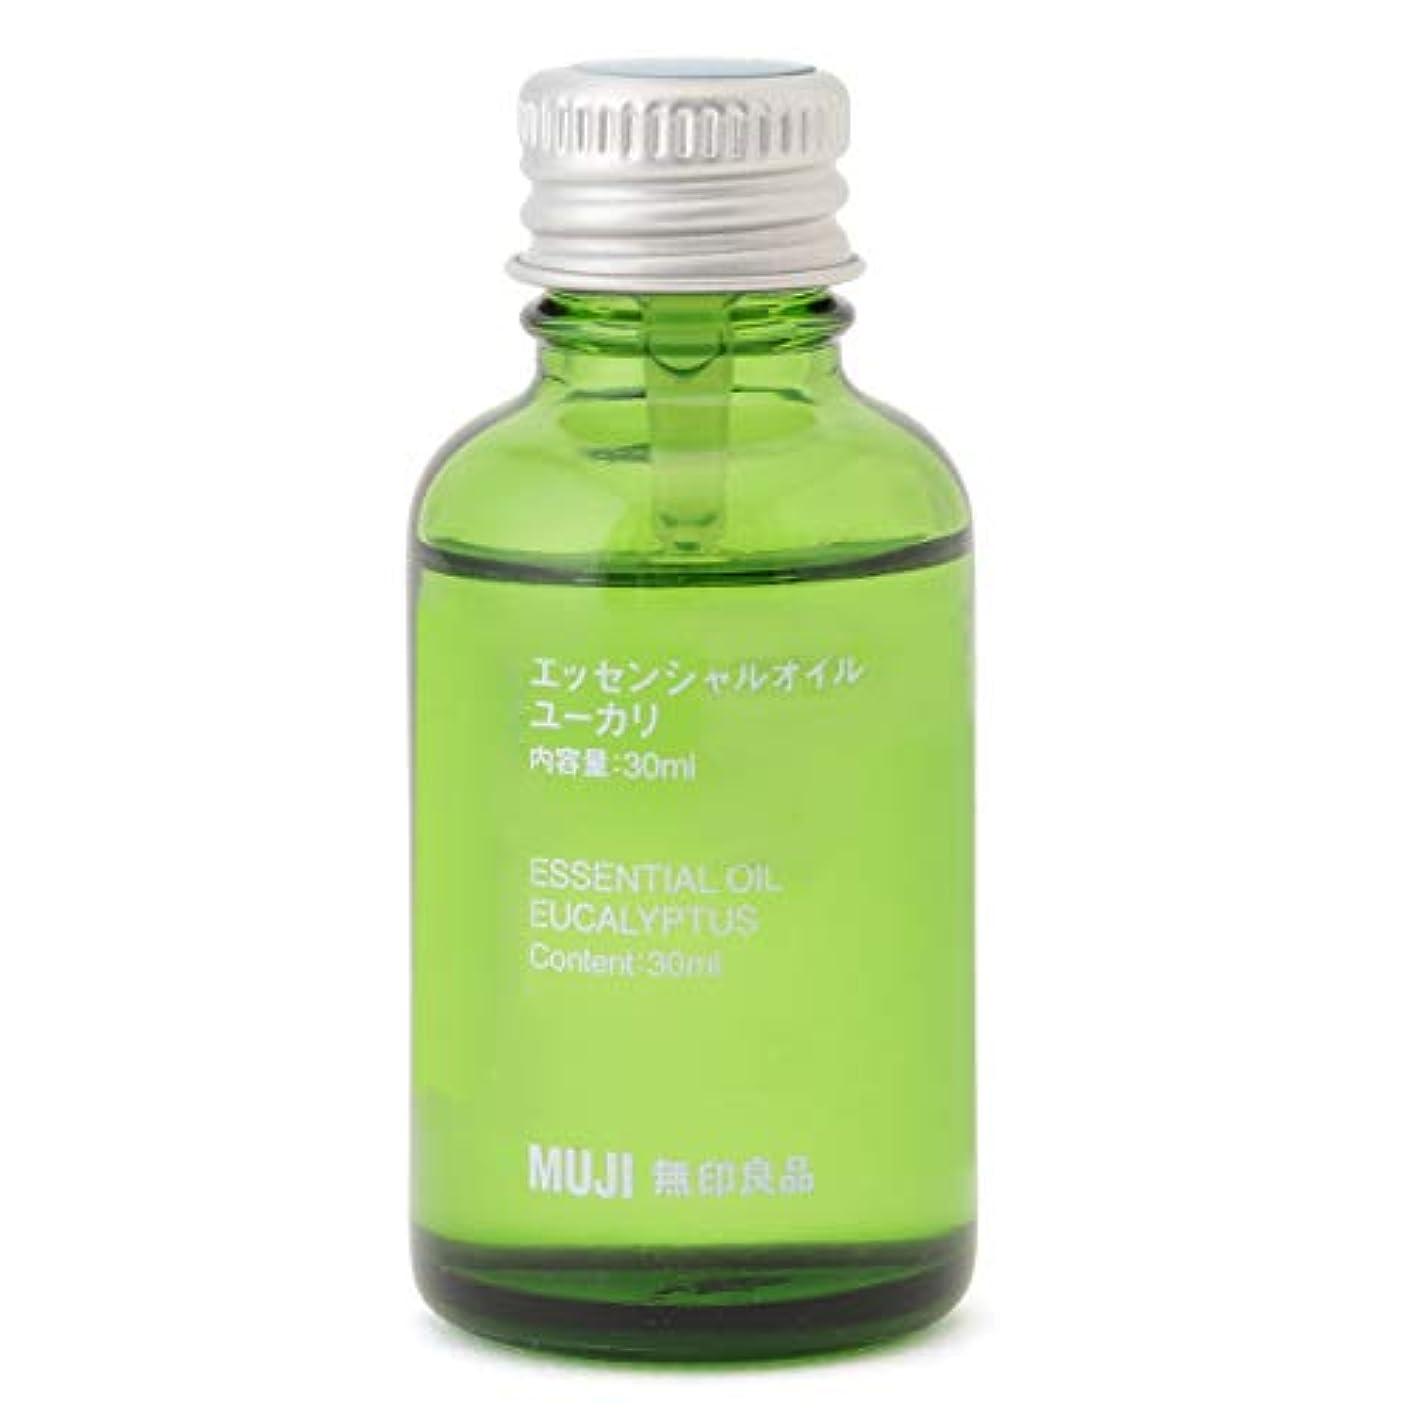 守るレイアウトどれでも【無印良品】エッセンシャルオイル30ml(ユーカリ)